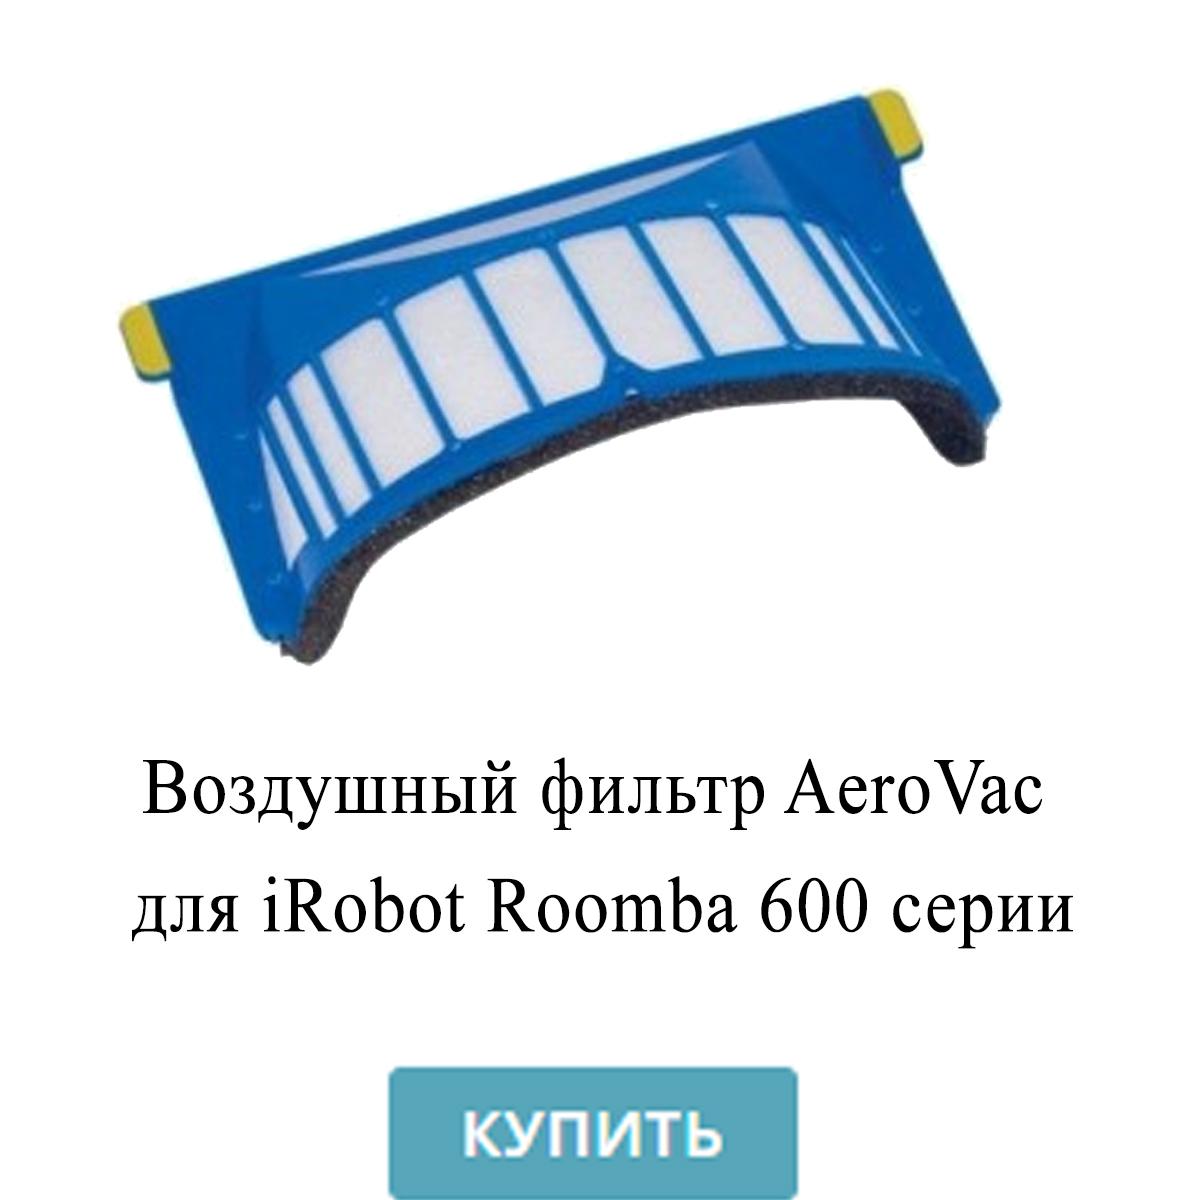 Воздушный фильтр AeroVac для iRobot Roomba 600 серии